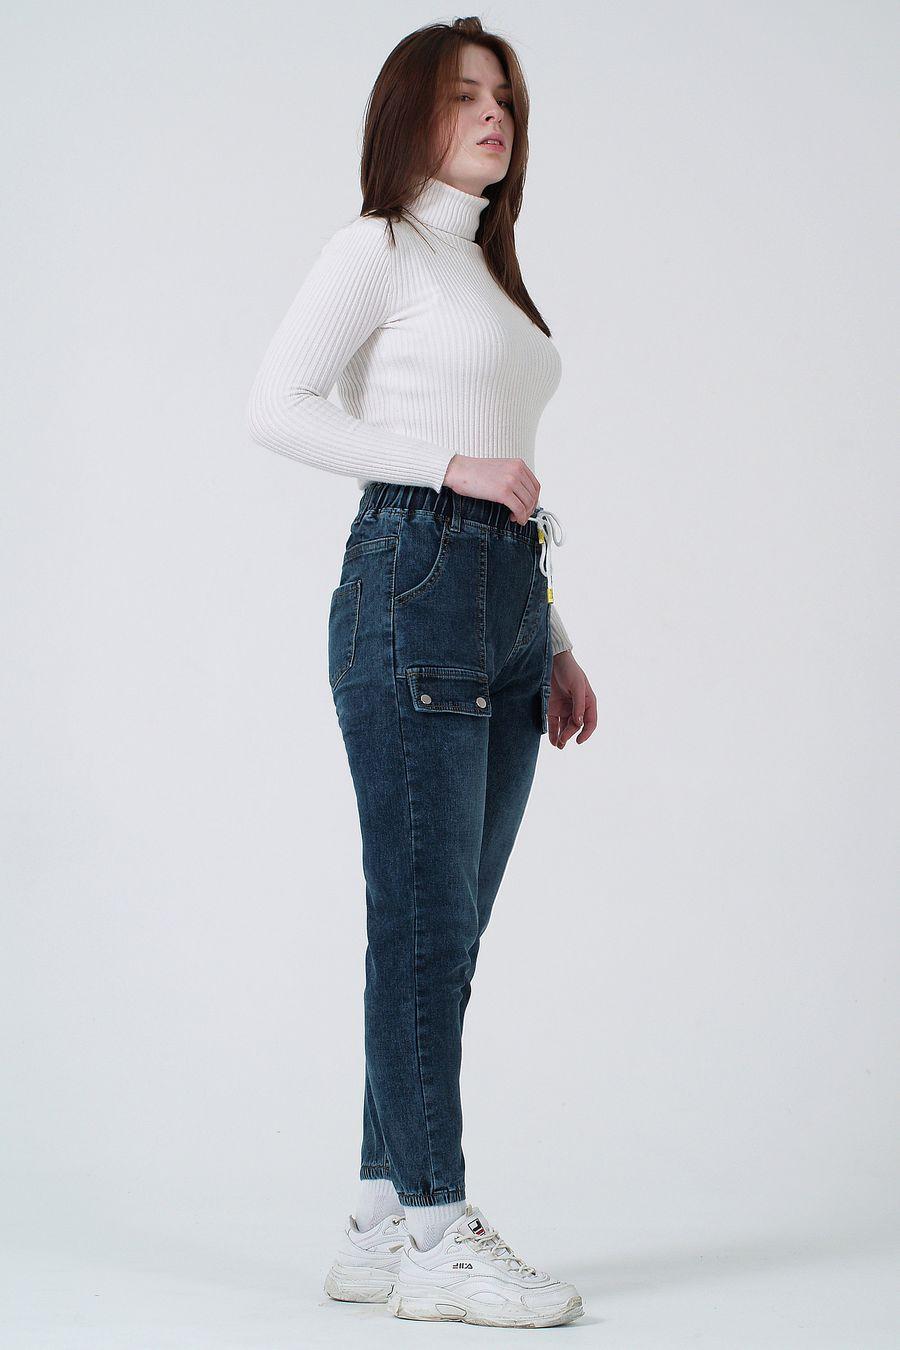 Джинсы женские K.Y Jeans 096 - фото 2